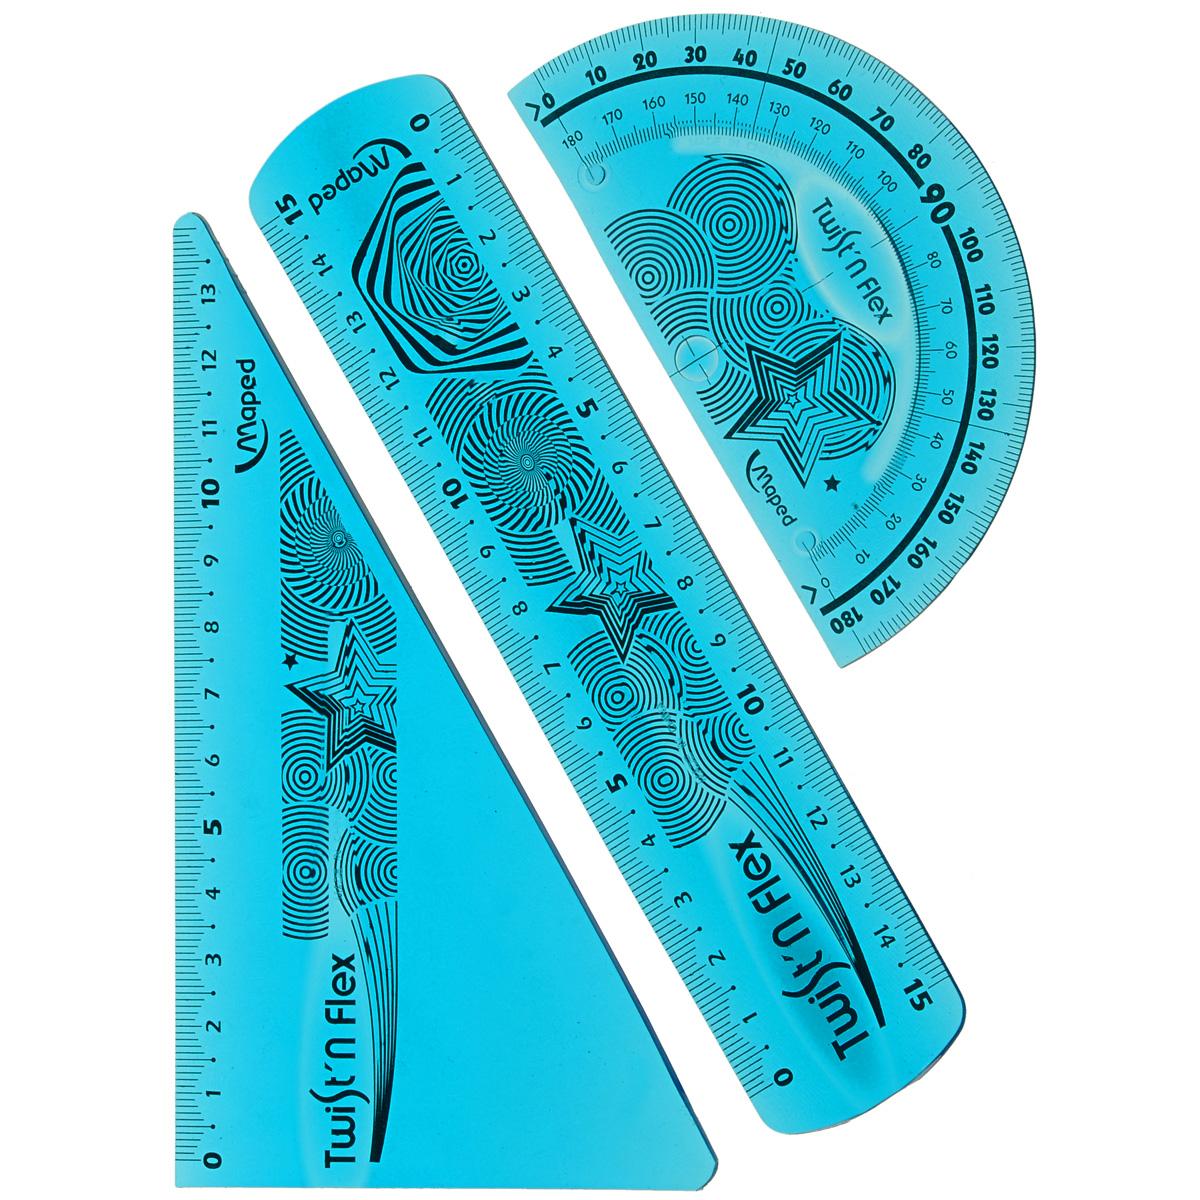 Геометрический набор Maped Twistn Flex, цвет: голубой, 3 предмета730396Геометрический набор Maped Twistn Flex, выполненный из яркого гибкого пластика, можно носить повсюду.Набор состоит из трех предметов: линейки на 15 сантиметров, транспортира на 180 градусов и угольника (60°; 13 см). Разметка шкалы нанесена на внутреннюю поверхность чертежных принадлежностей, что предотвращает ее истирание.Каждый чертежный инструмент имеет свои функциональные особенности, что делает работу с ними особенно удобной и легкой.